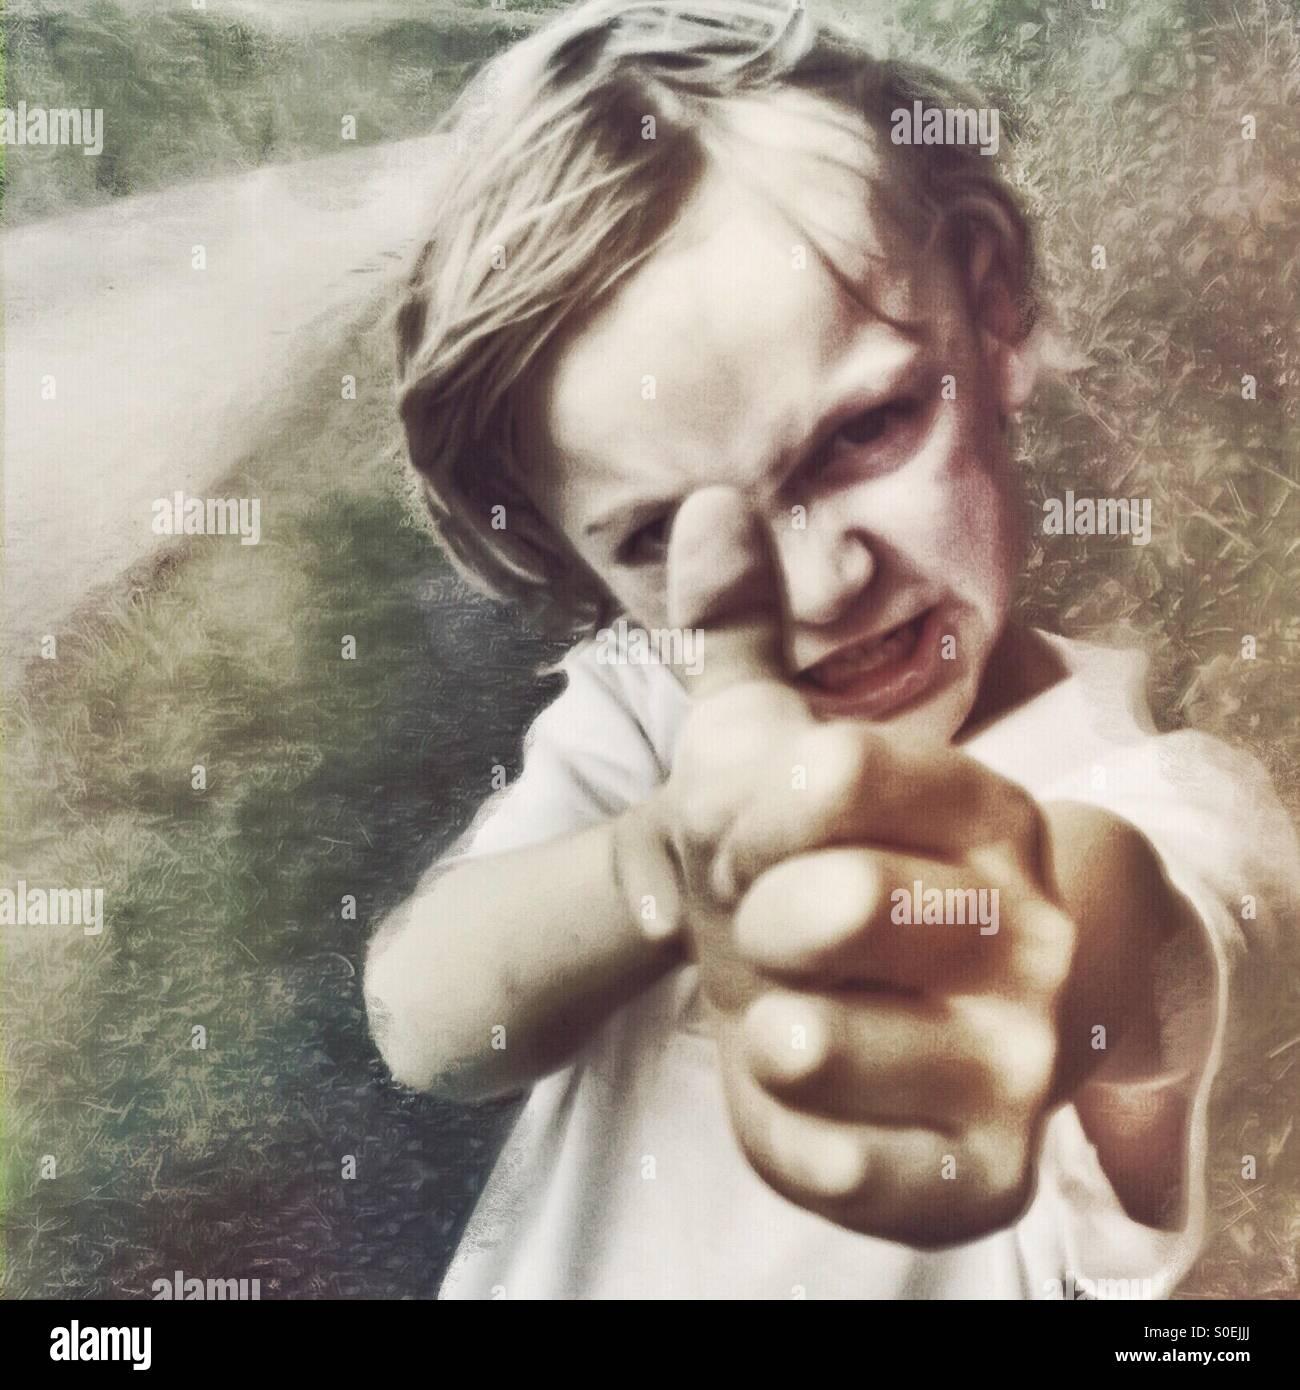 Boy taking aim - Stock Image